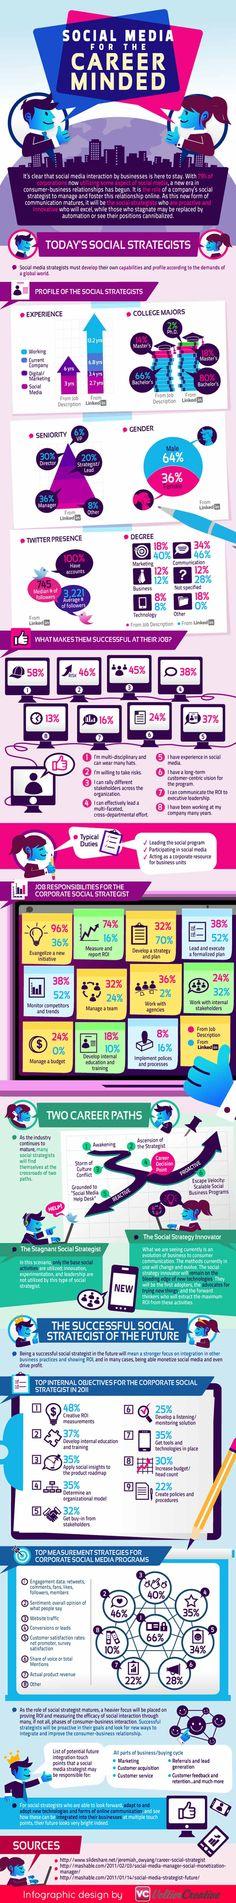 #SocialMediaManager als Traumjob – Wie sieht der Social Media Marketing Stratege der Zukunft aus? #Infografik